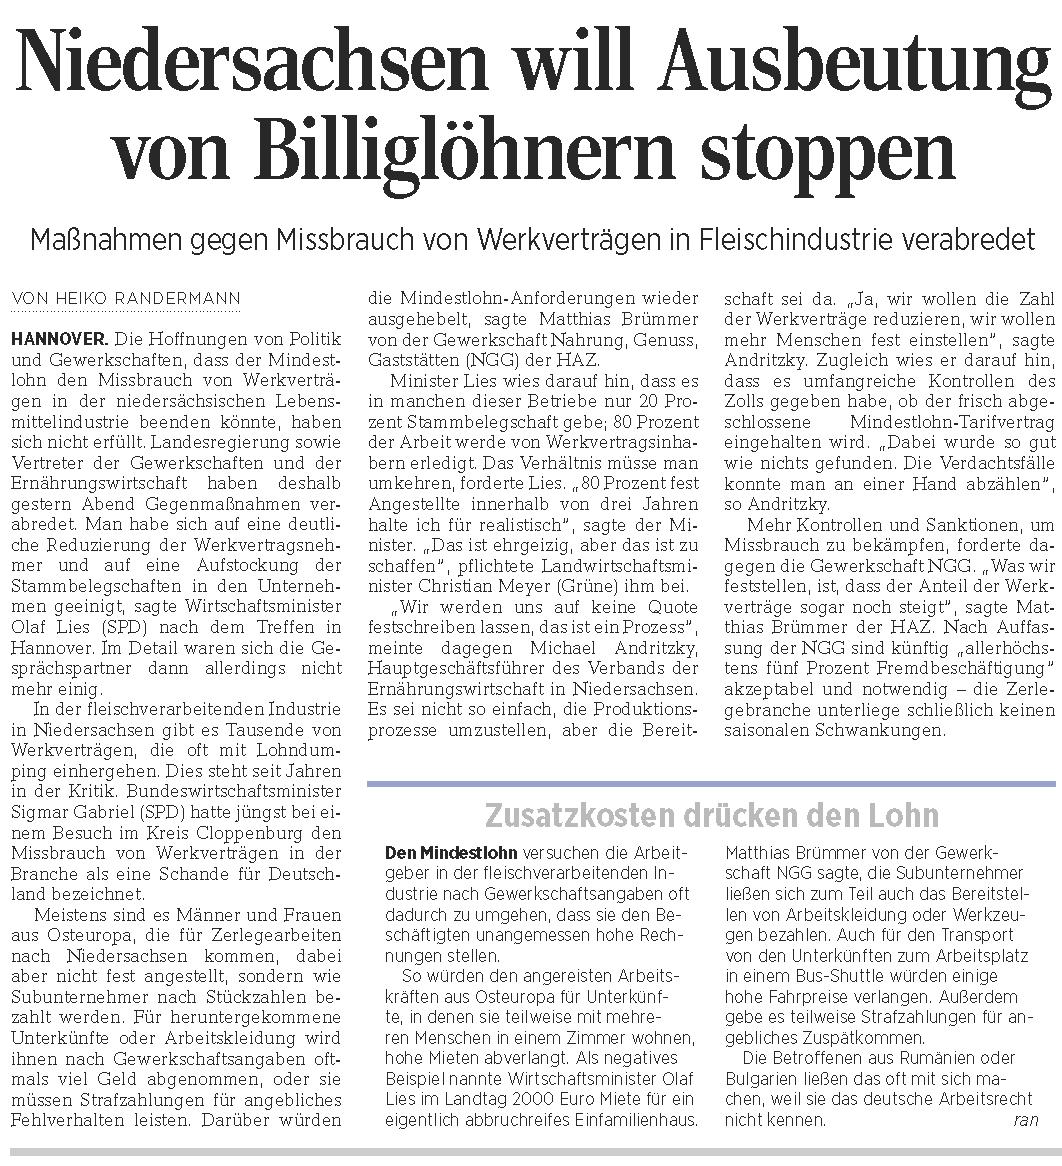 HAZ - Niedersachsen will Ausbeutung von Billiglöhnern stoppen 09 April 2015